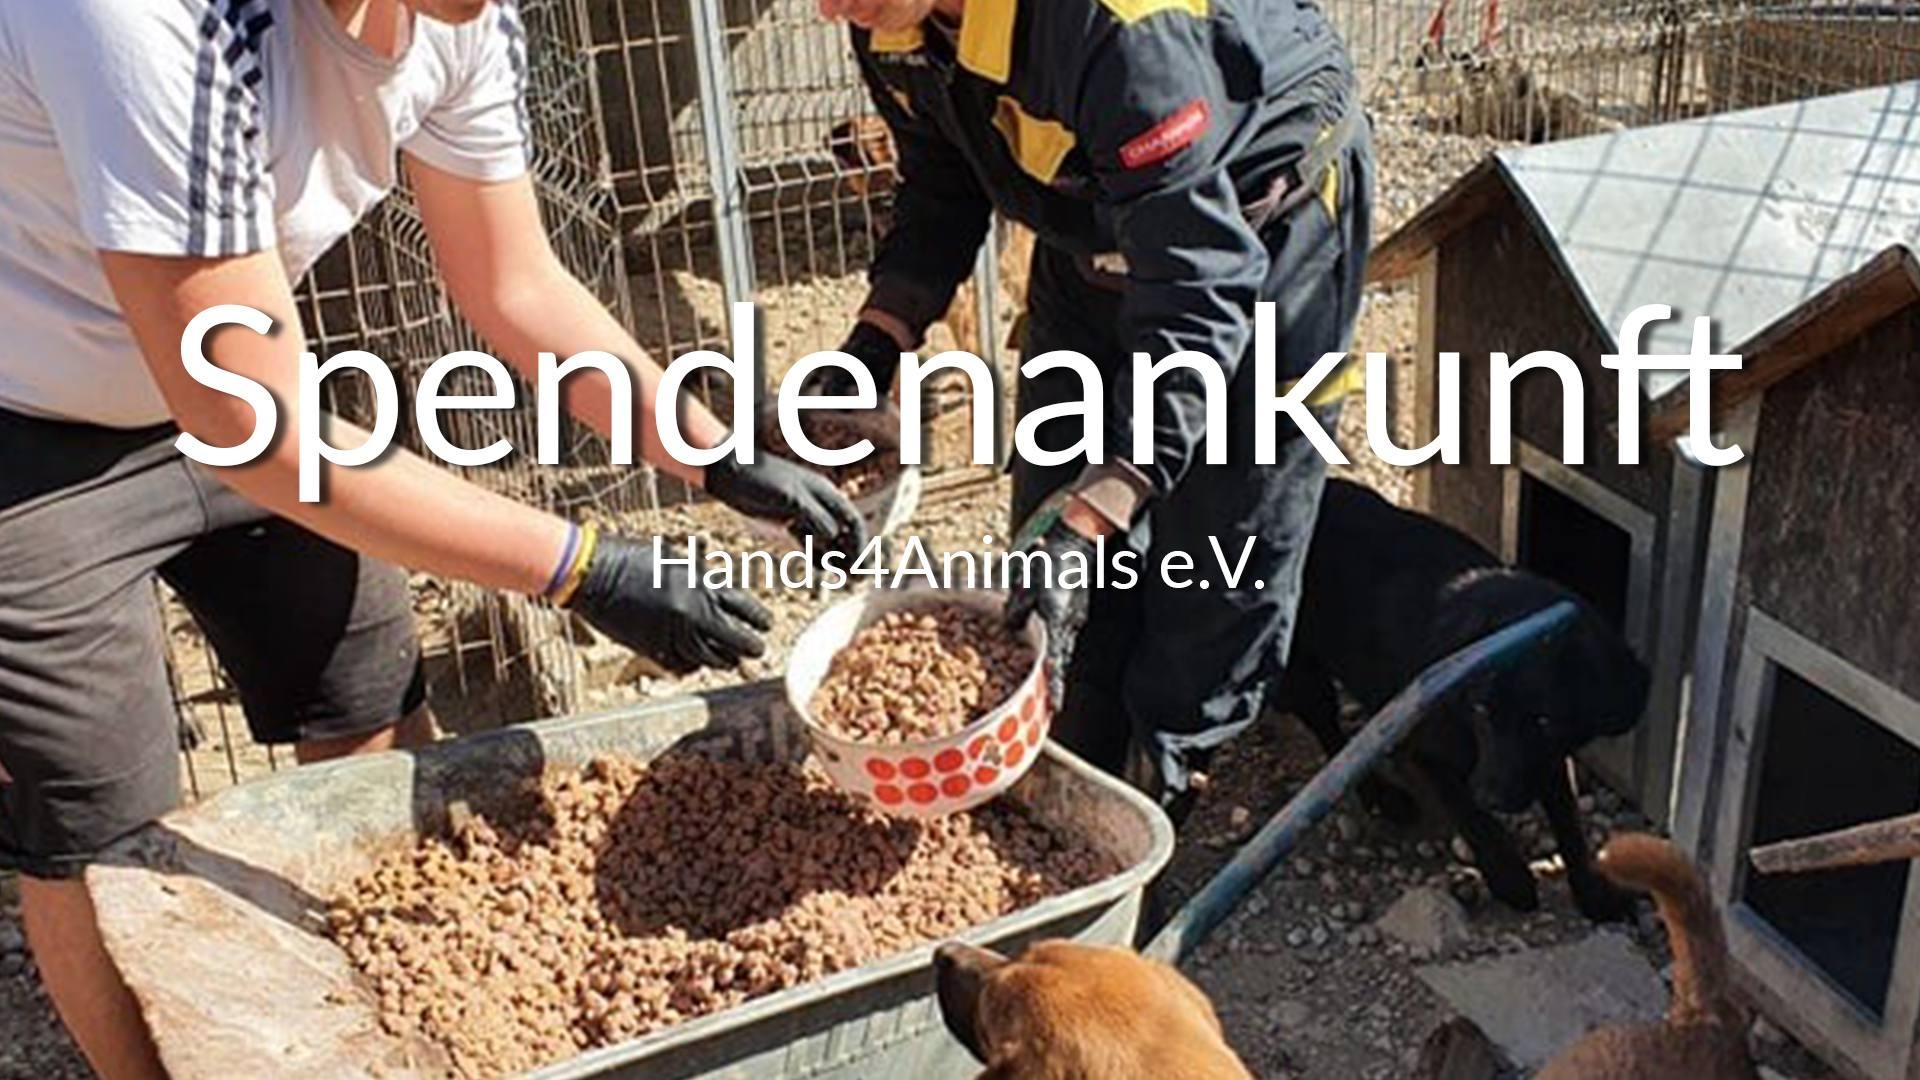 Hands4Animals e.V.-Futterspendenankunft-april-2020-Spenden-Marathon-2019-KroatienVIDEO